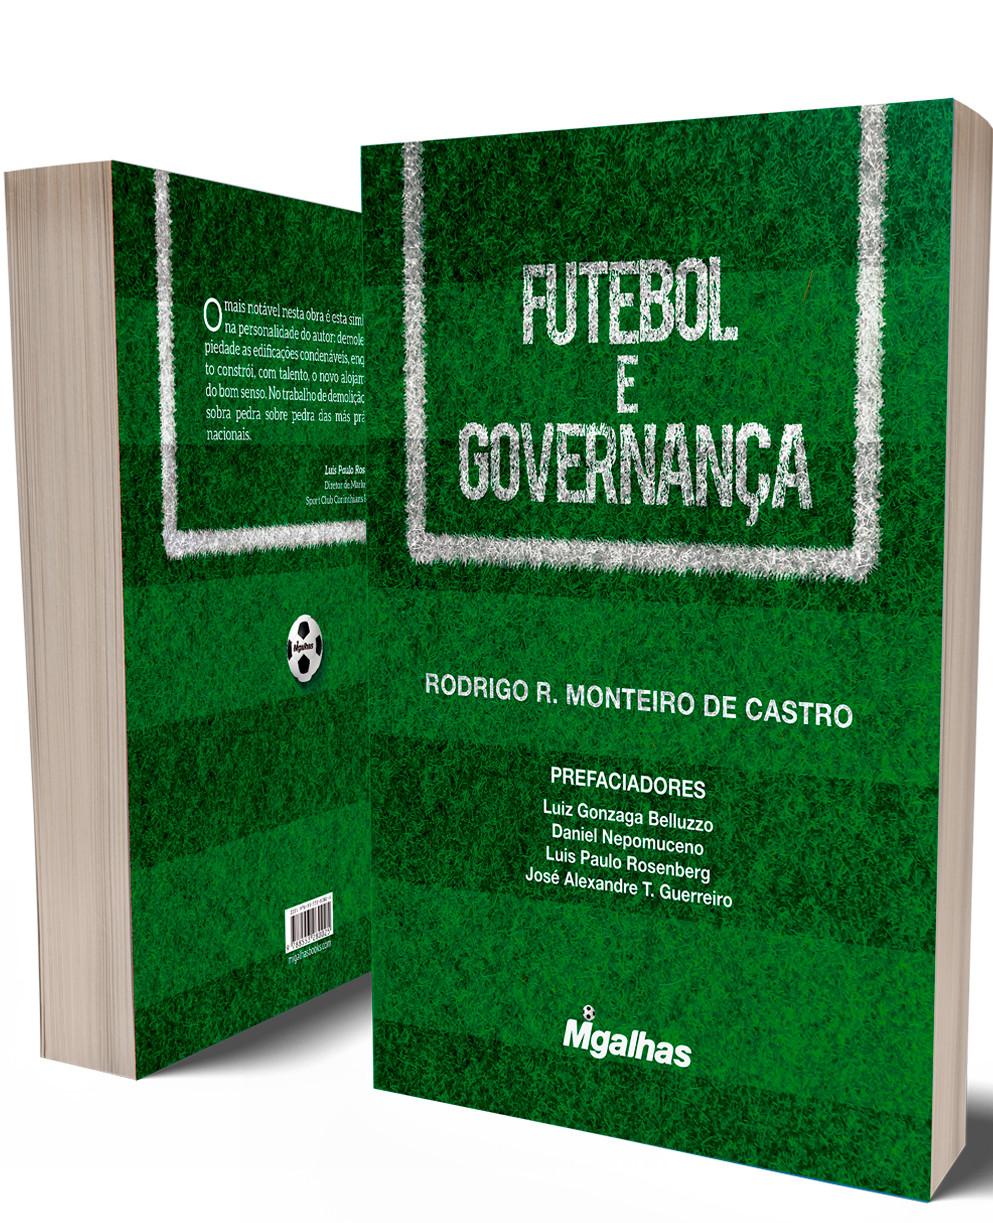 Futebol e Governança - Rodrigo R. Monteiro de Castro